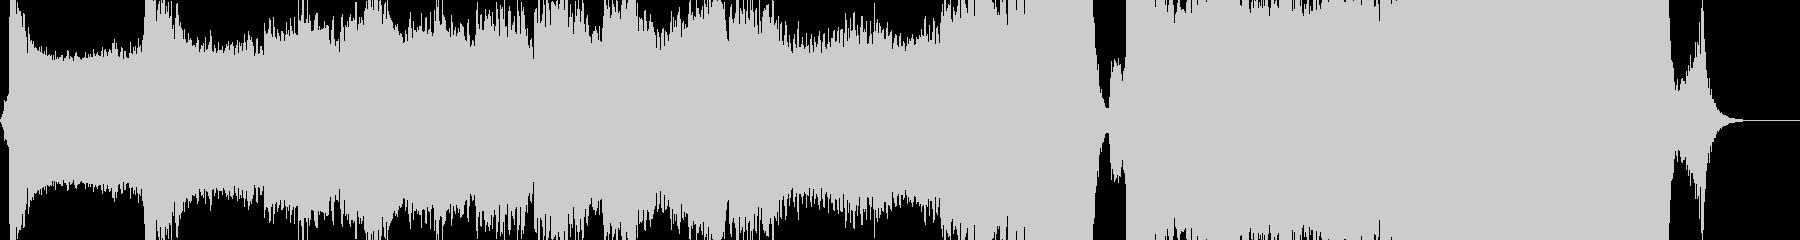 【ドラム無し】エピック・オーケ…重厚感の未再生の波形